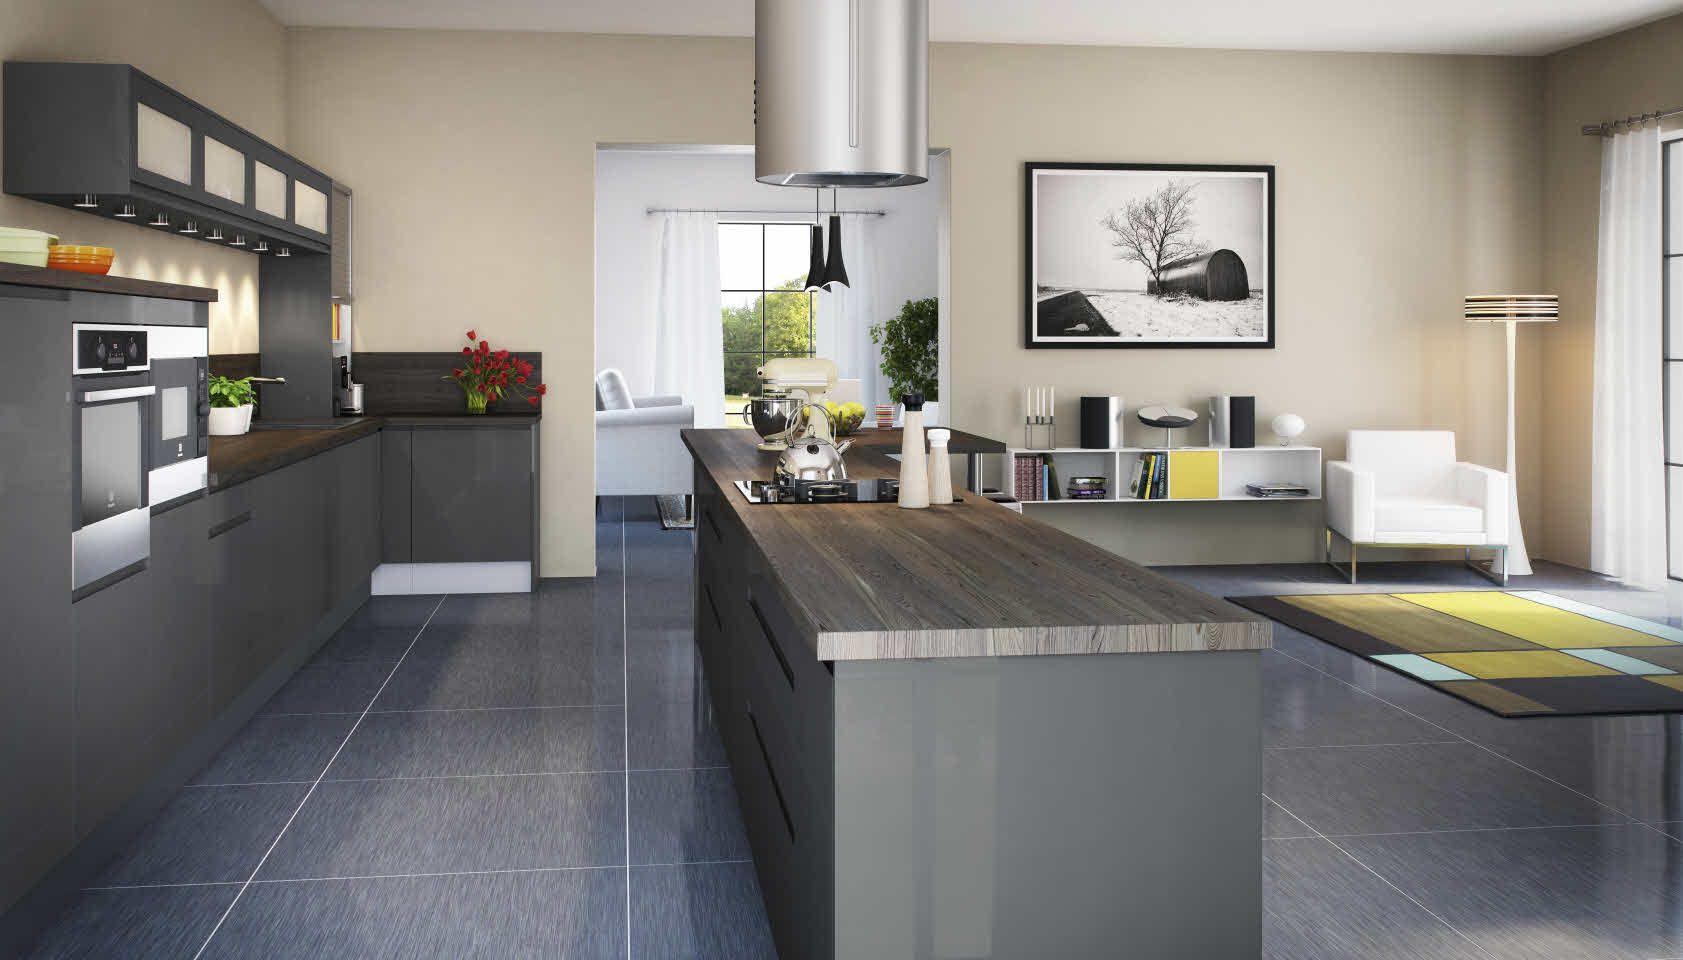 1000 images about ides pour la maison on pinterest - Maison Moderne Cuisine